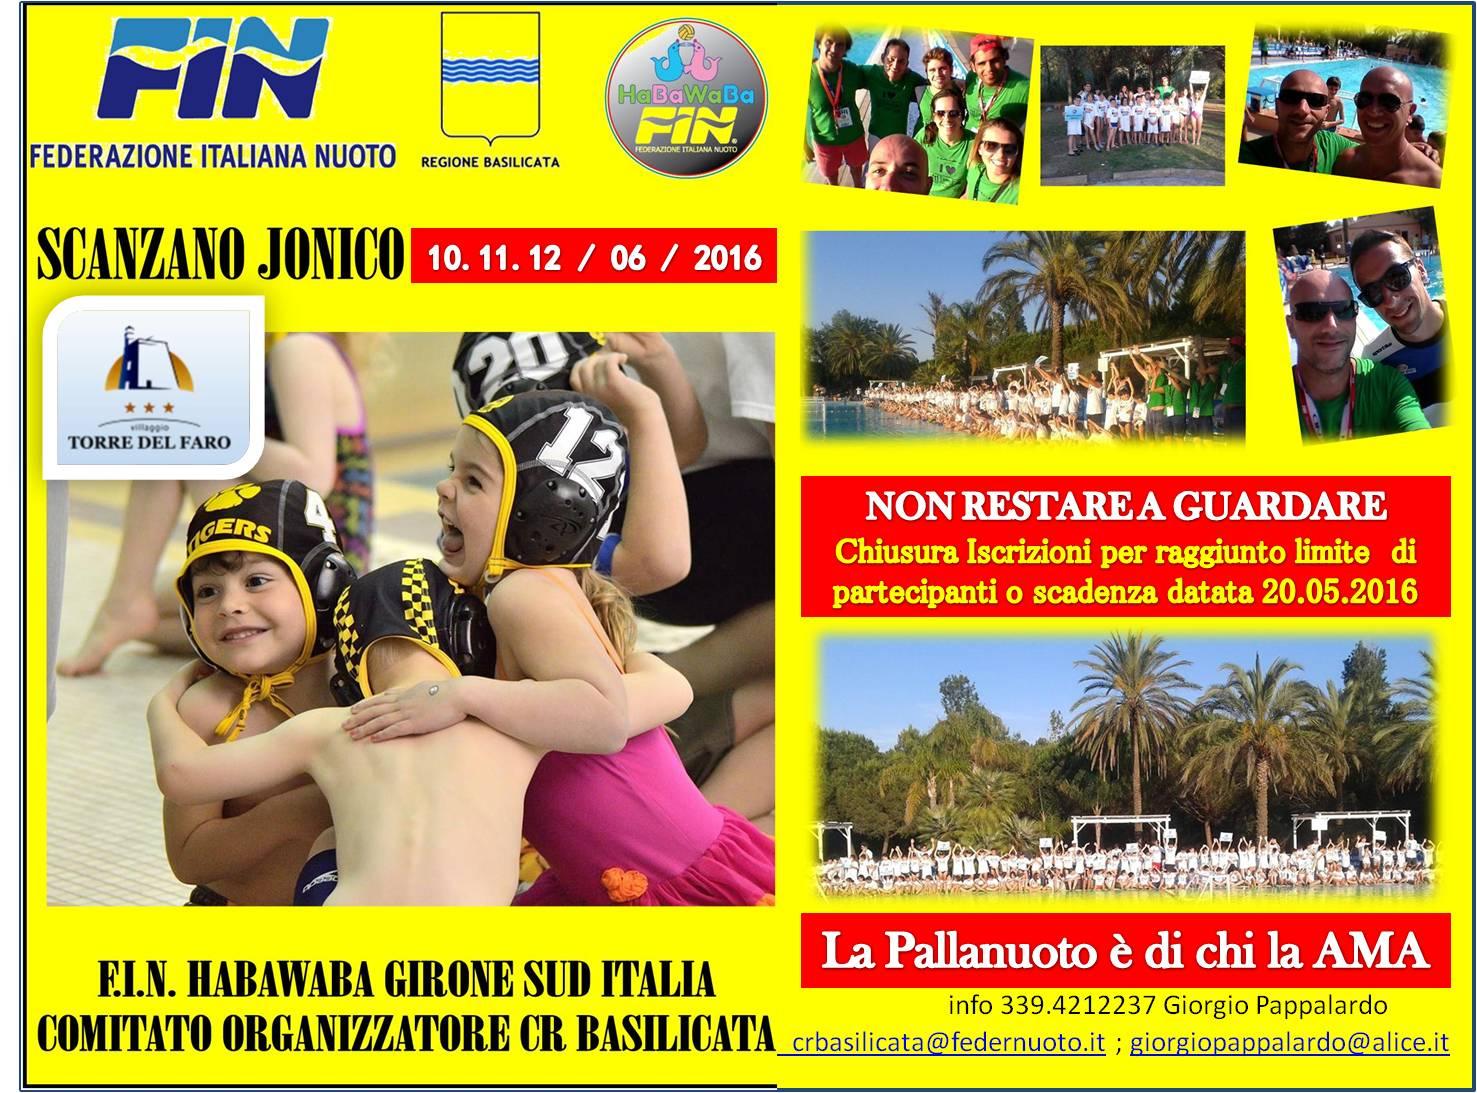 Tornei Nazionali Fin-HaBaWaBa | Info per iscrizione al torneo di Scanzano Jonico, 10-12 giugno 2016